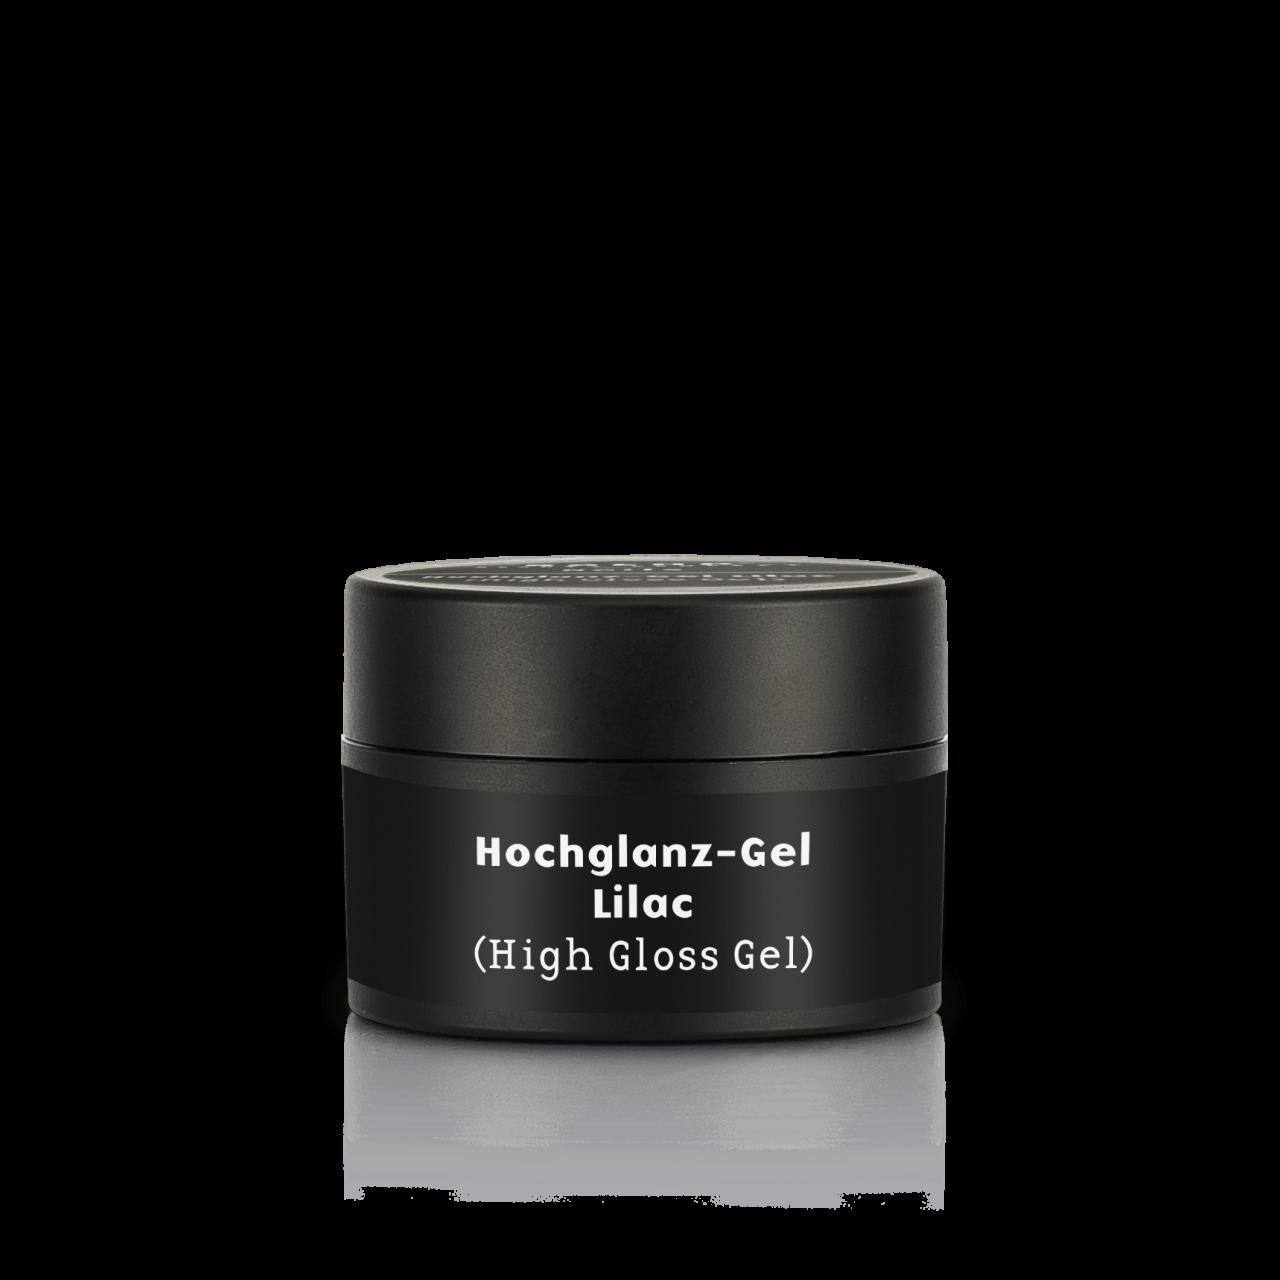 Hochglanz-Gel Lilac 30 ml